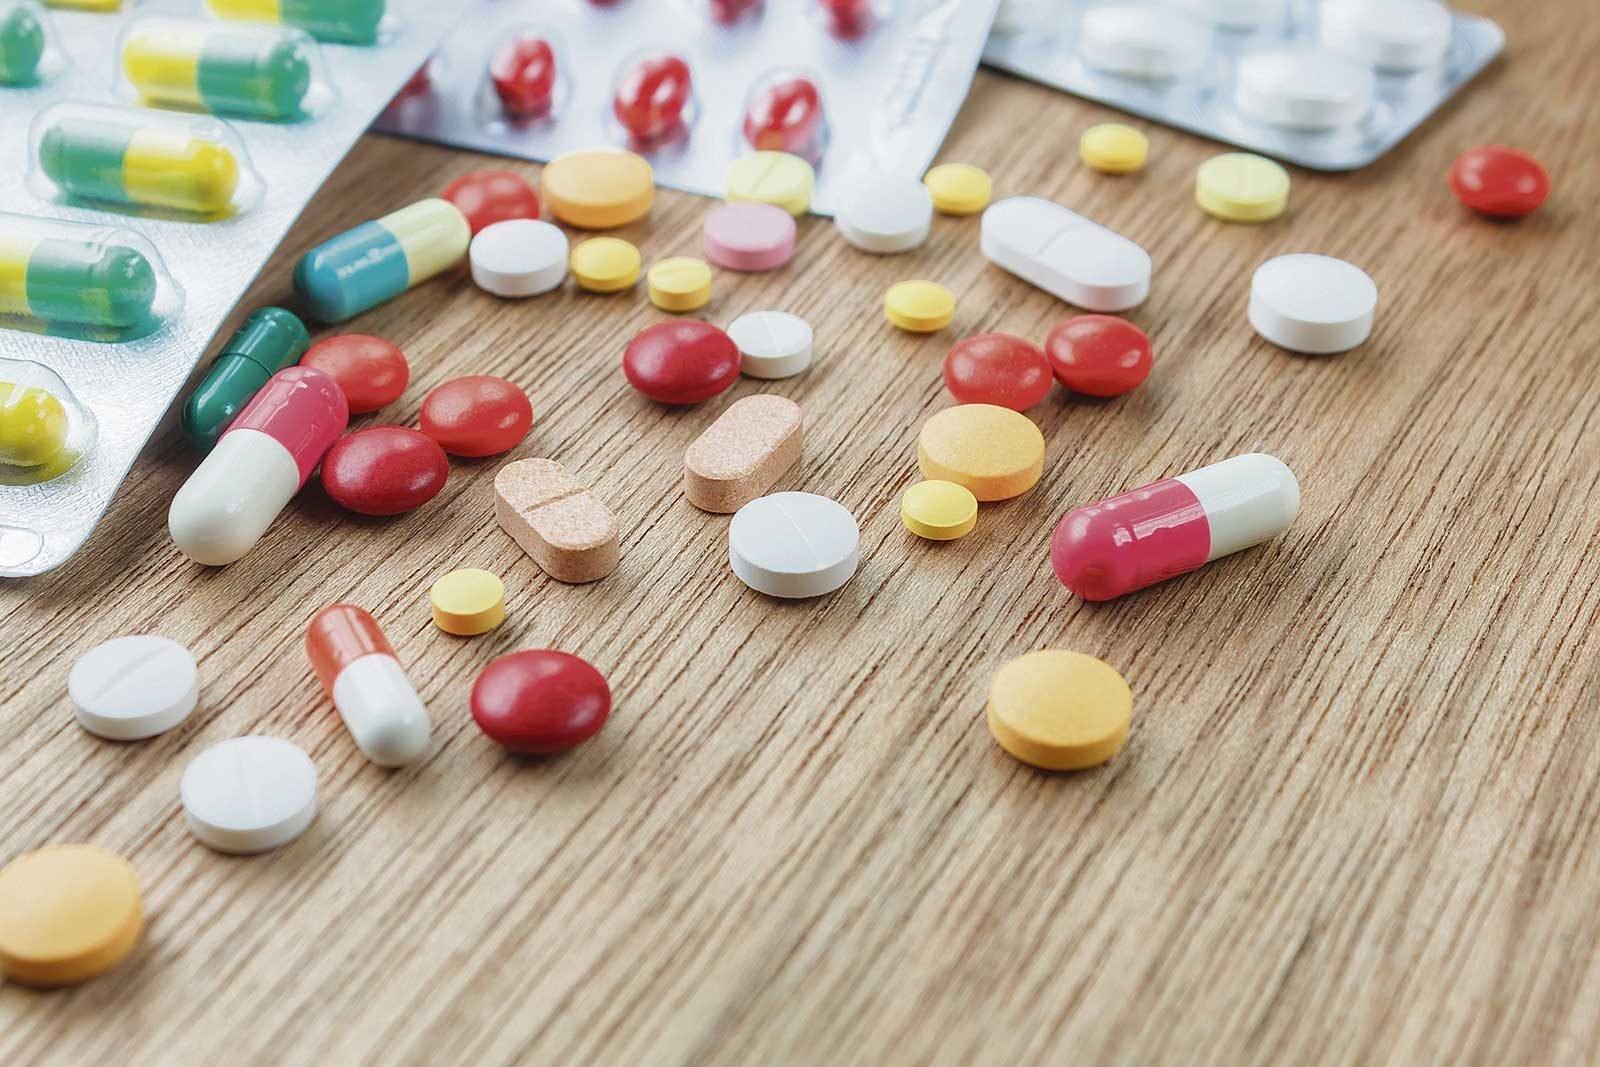 pastile pentru durere în mușchi și articulații pe bază de unguent articular